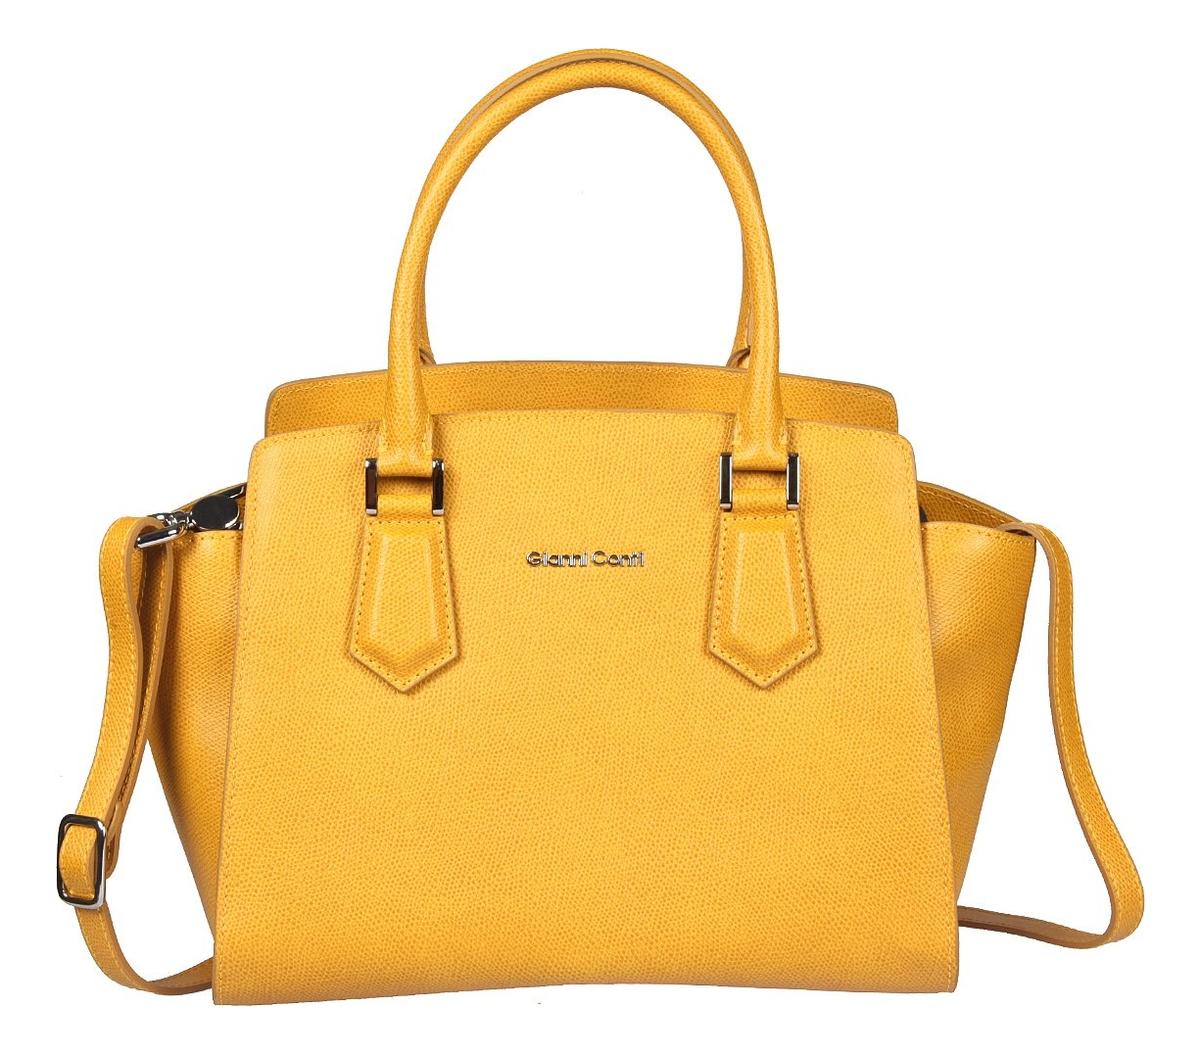 Женская сумка Yellow 2153202 (желтая) цена 2017